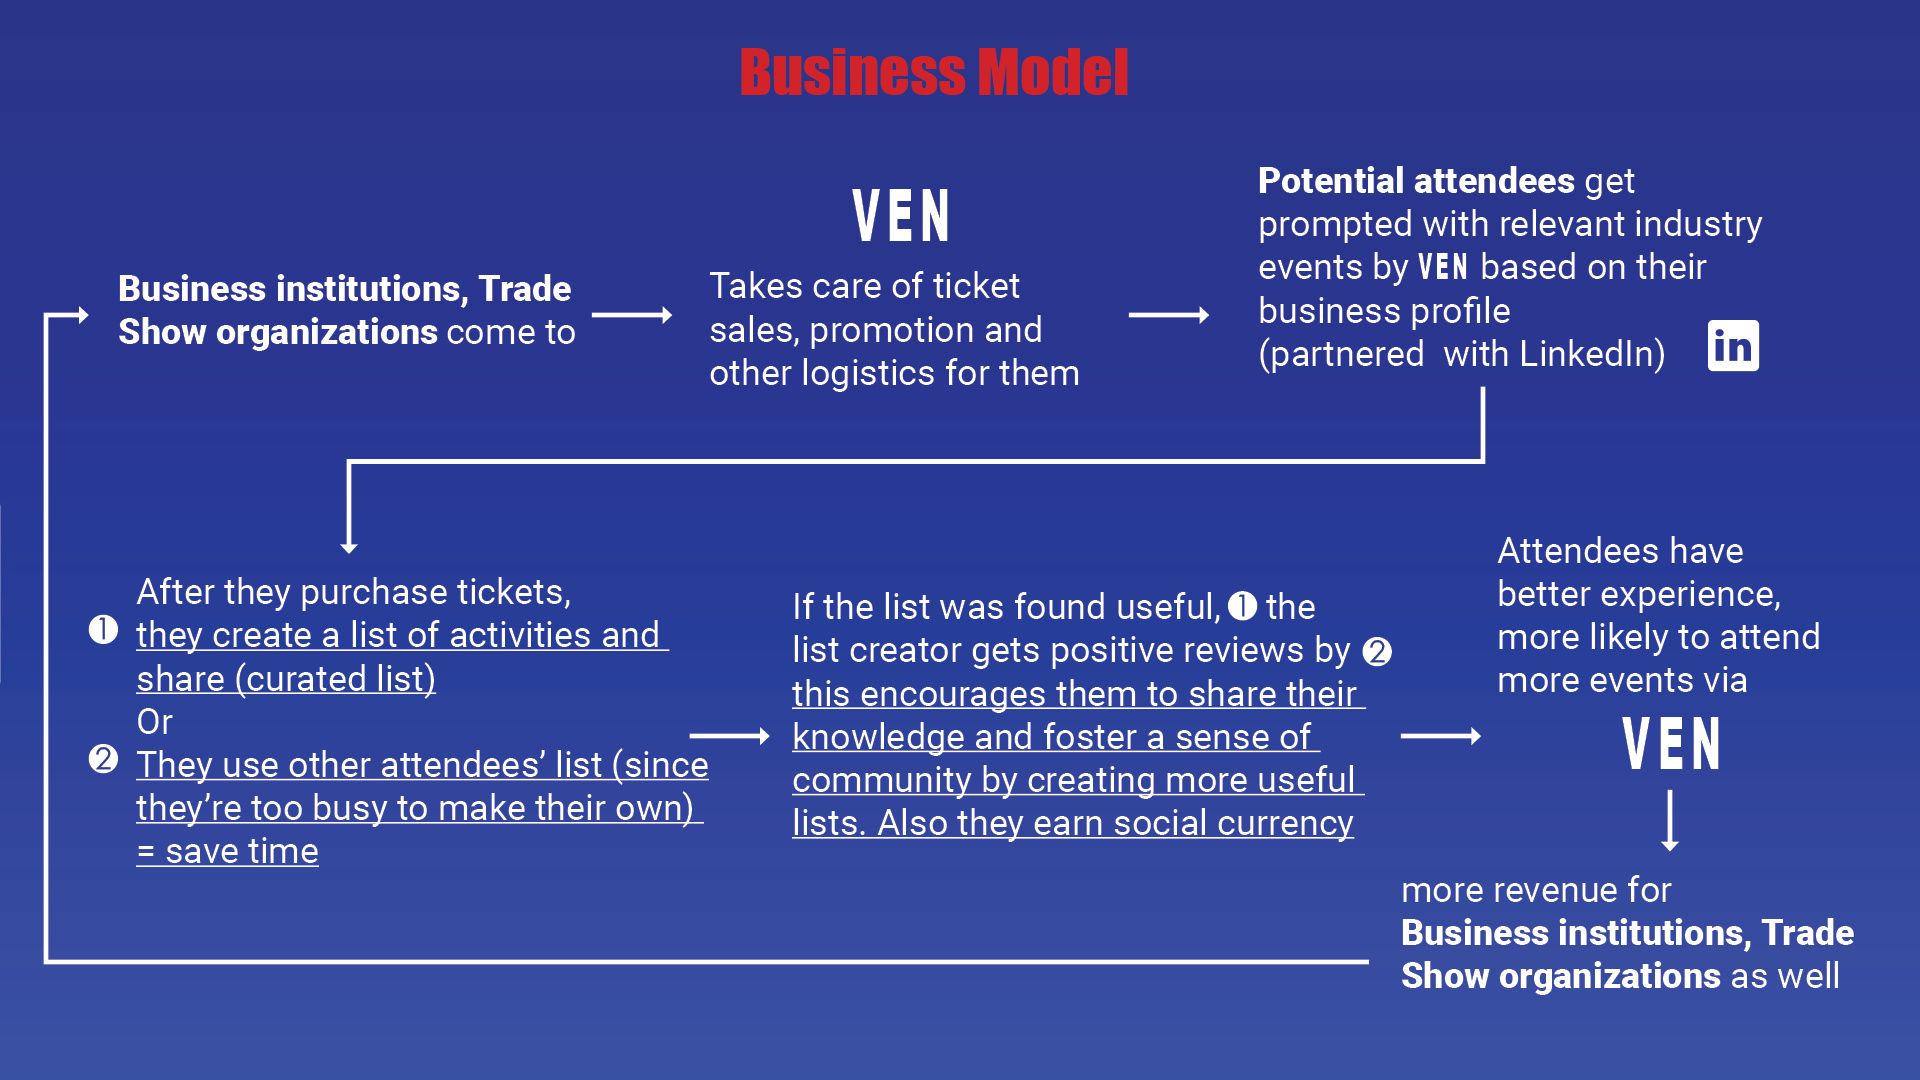 VEN_007_BusinessModel.png